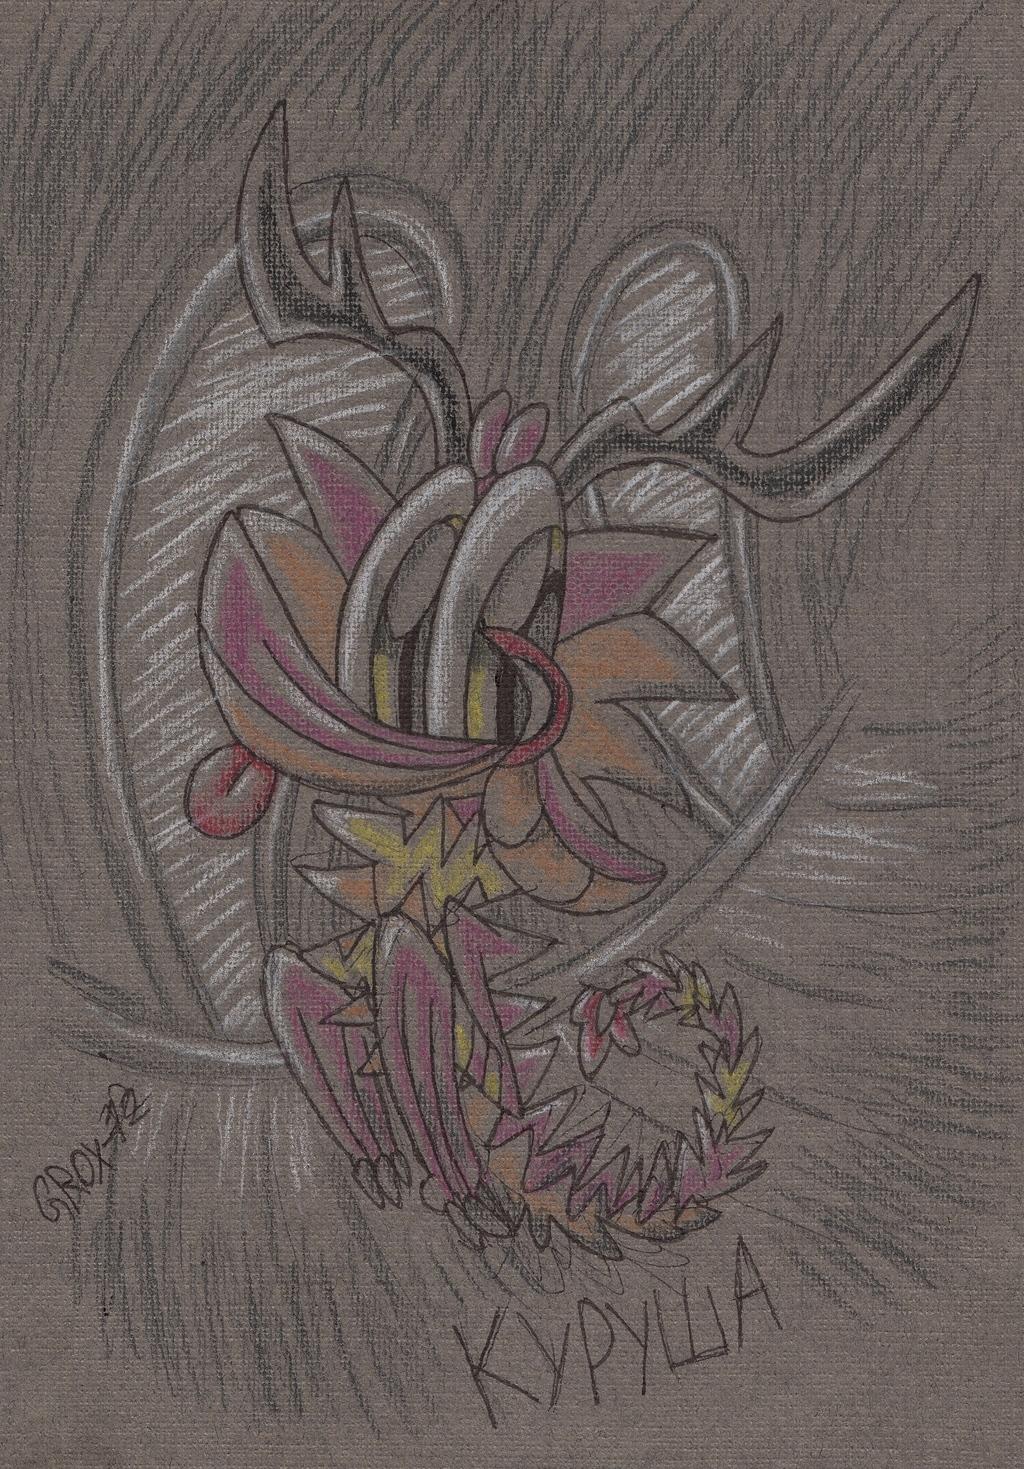 Kurusha in the dark